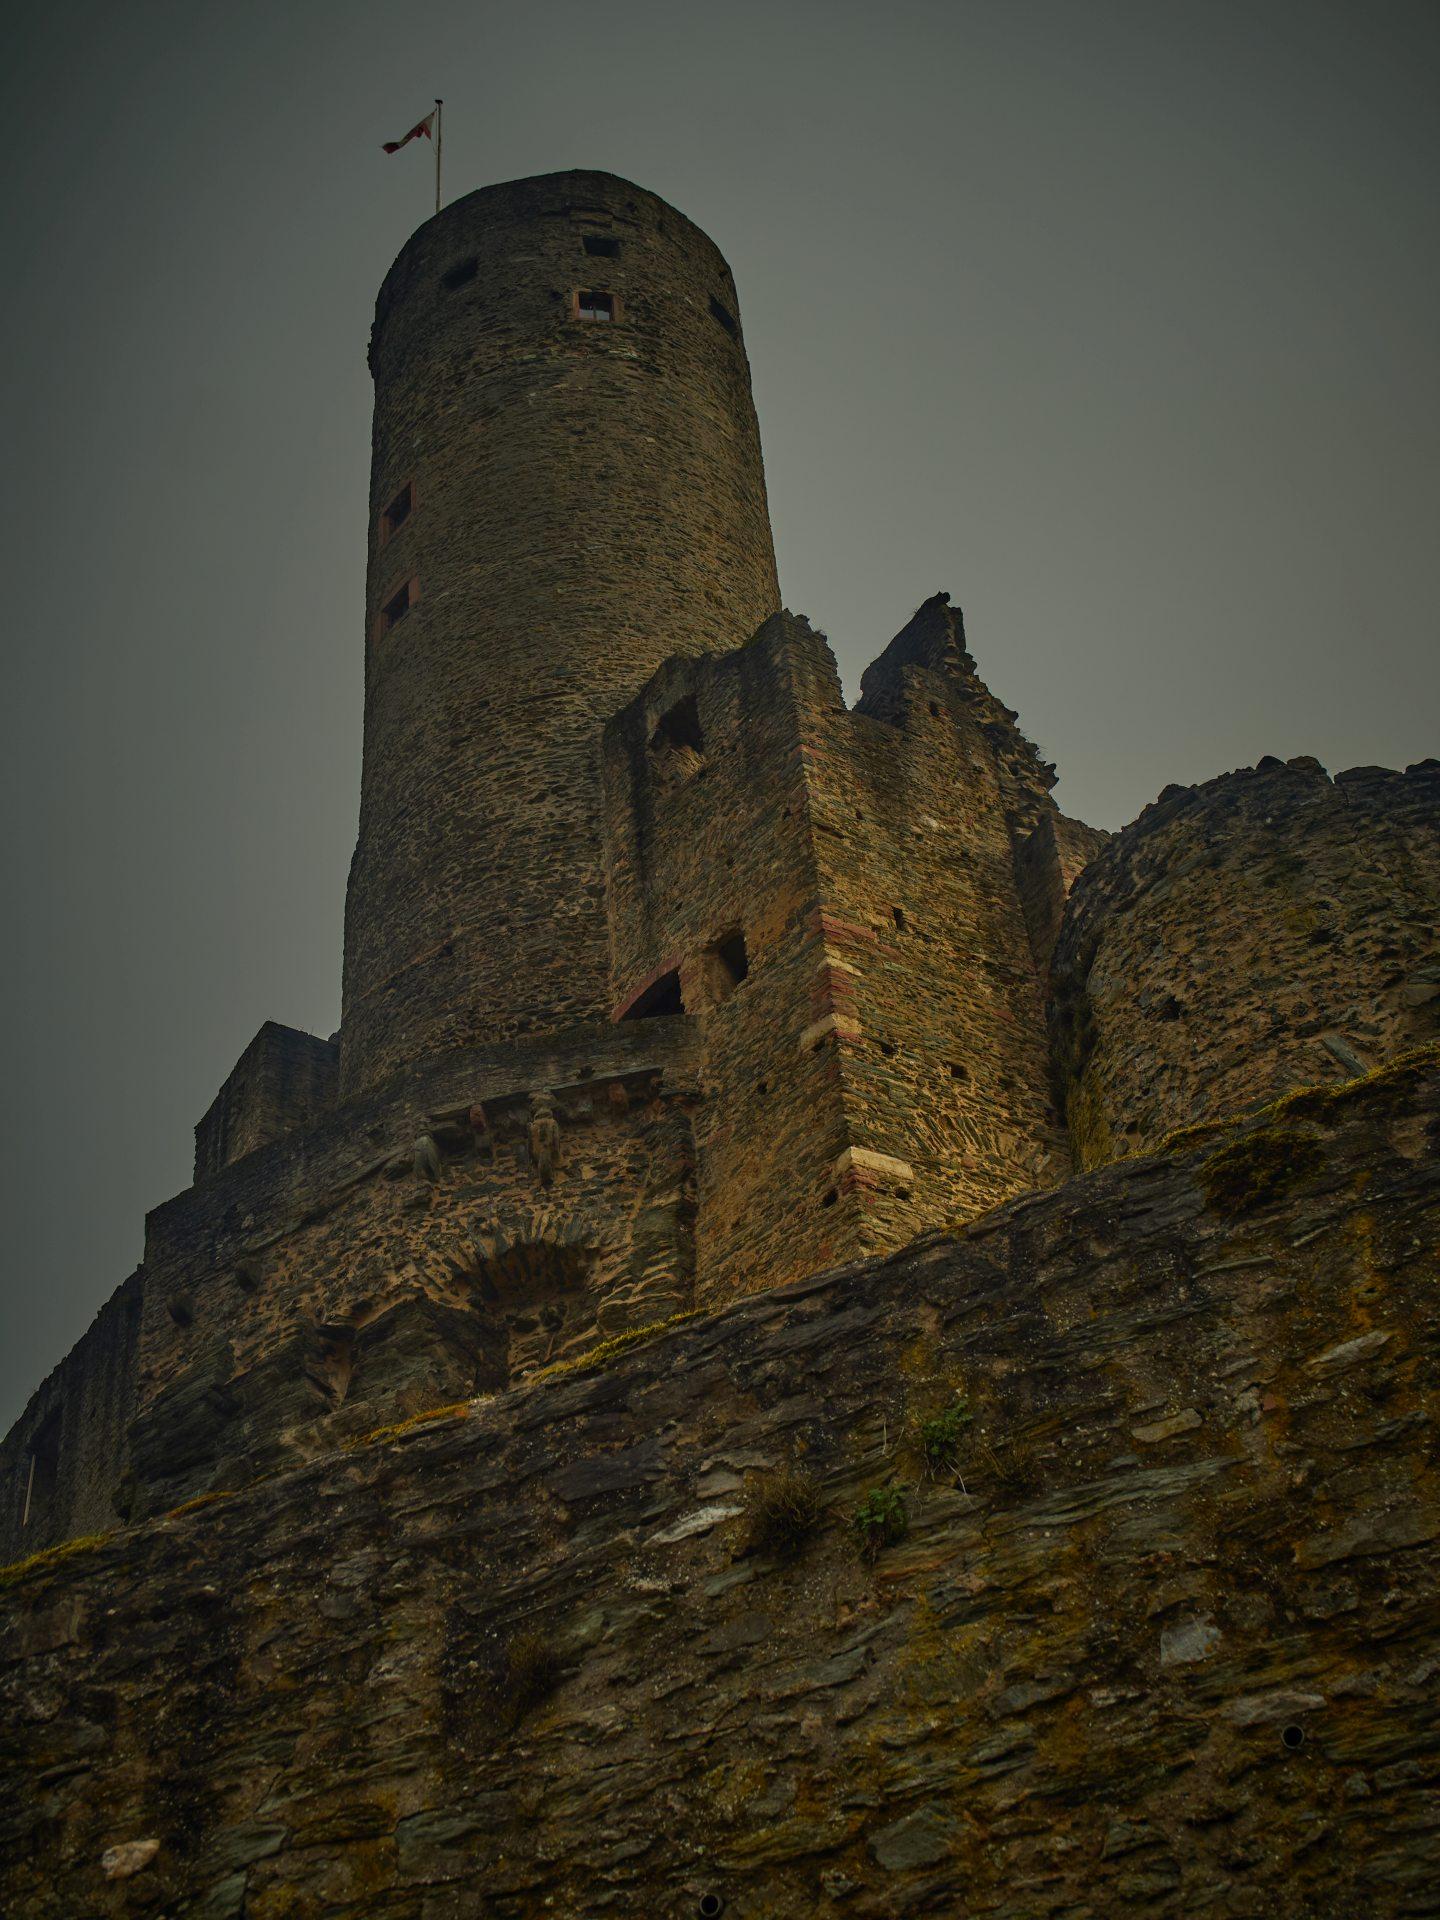 Die Burg — ich bin hoch, auch wenn bereits unten anstand, daß geschlossen sei. Ich finde, für das Foto hat sich der Aufstieg gelohnt